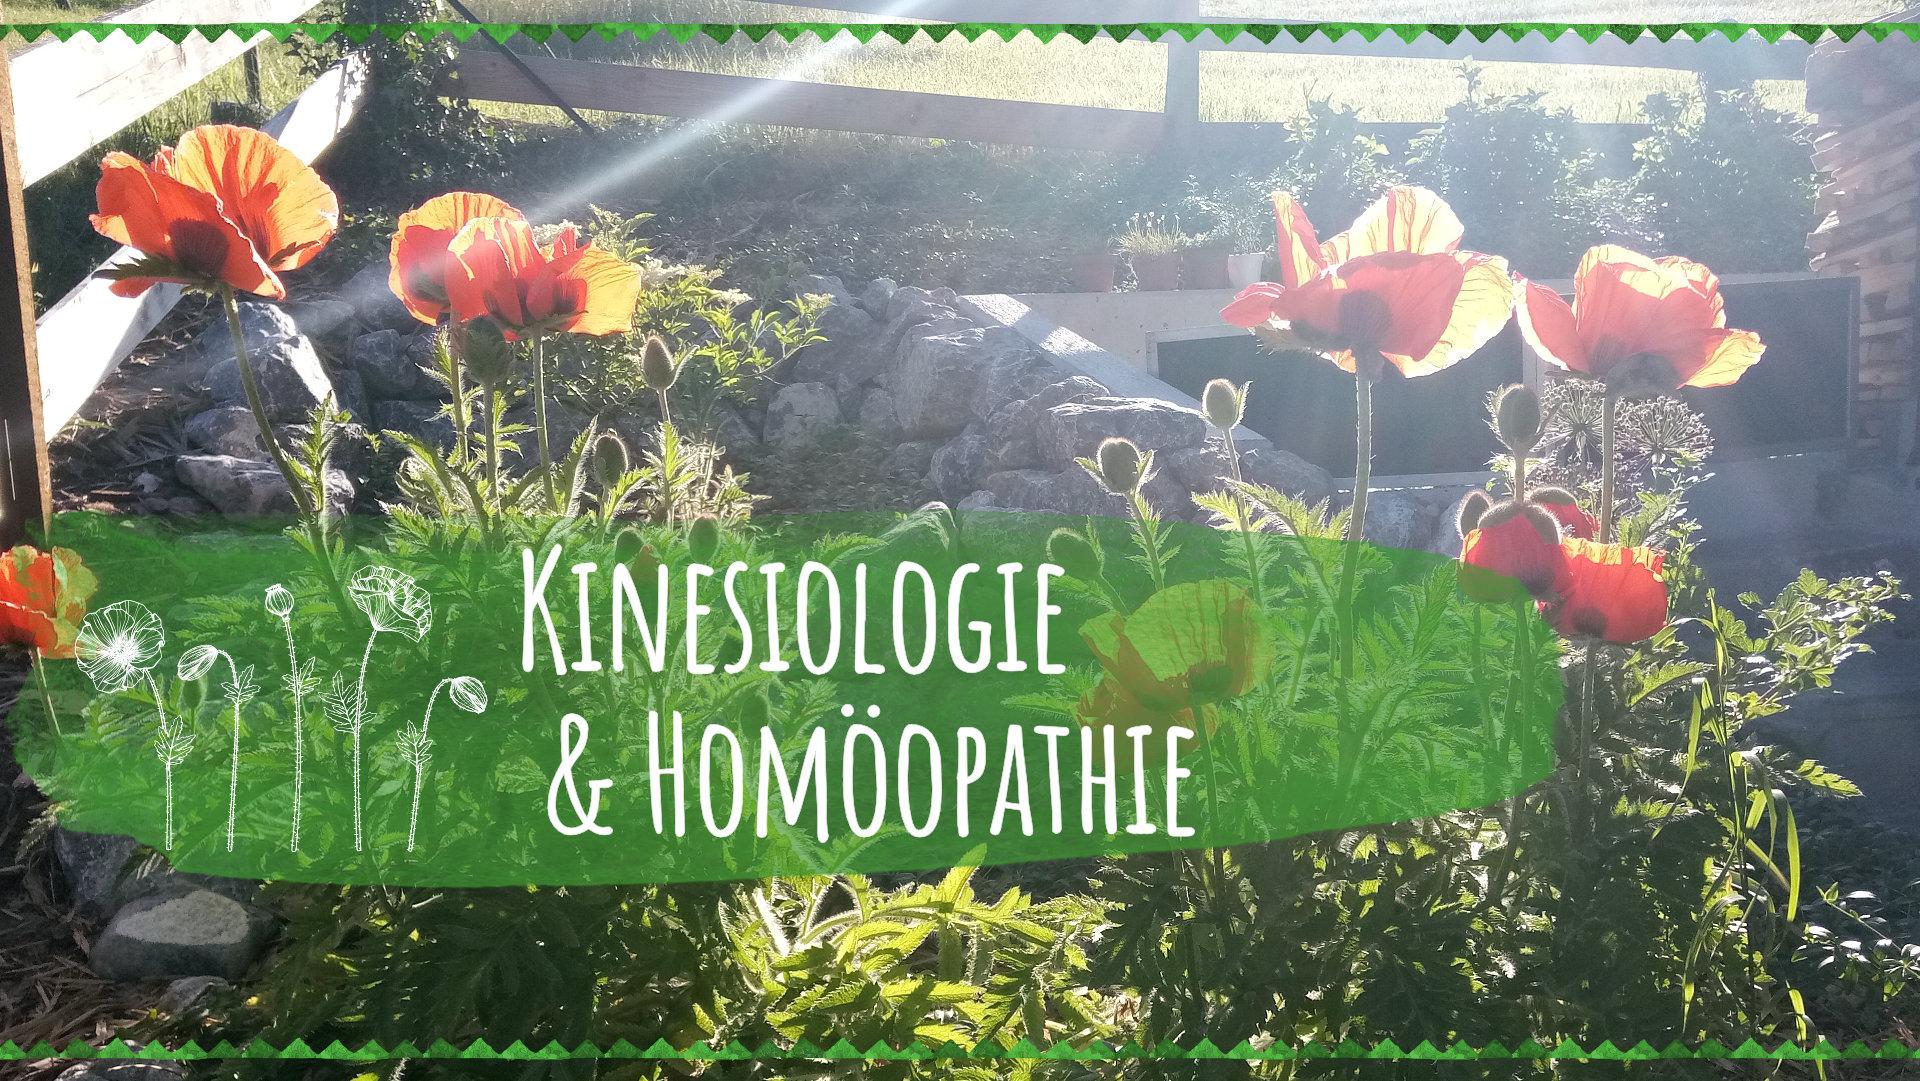 kinesiologie_homoeopathie